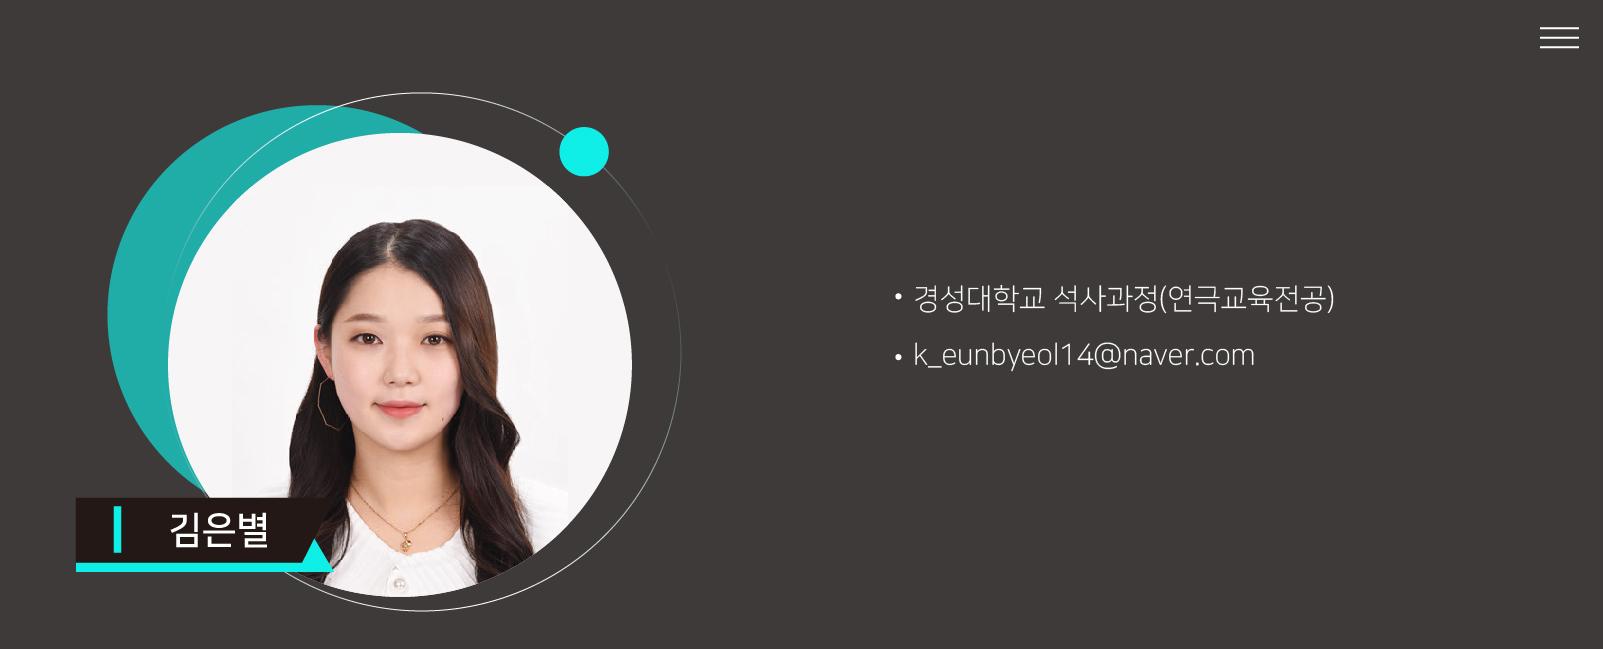 김은별 경성대학교 연극교육전공 석사 재학, k_eunbyeol14@naver.com